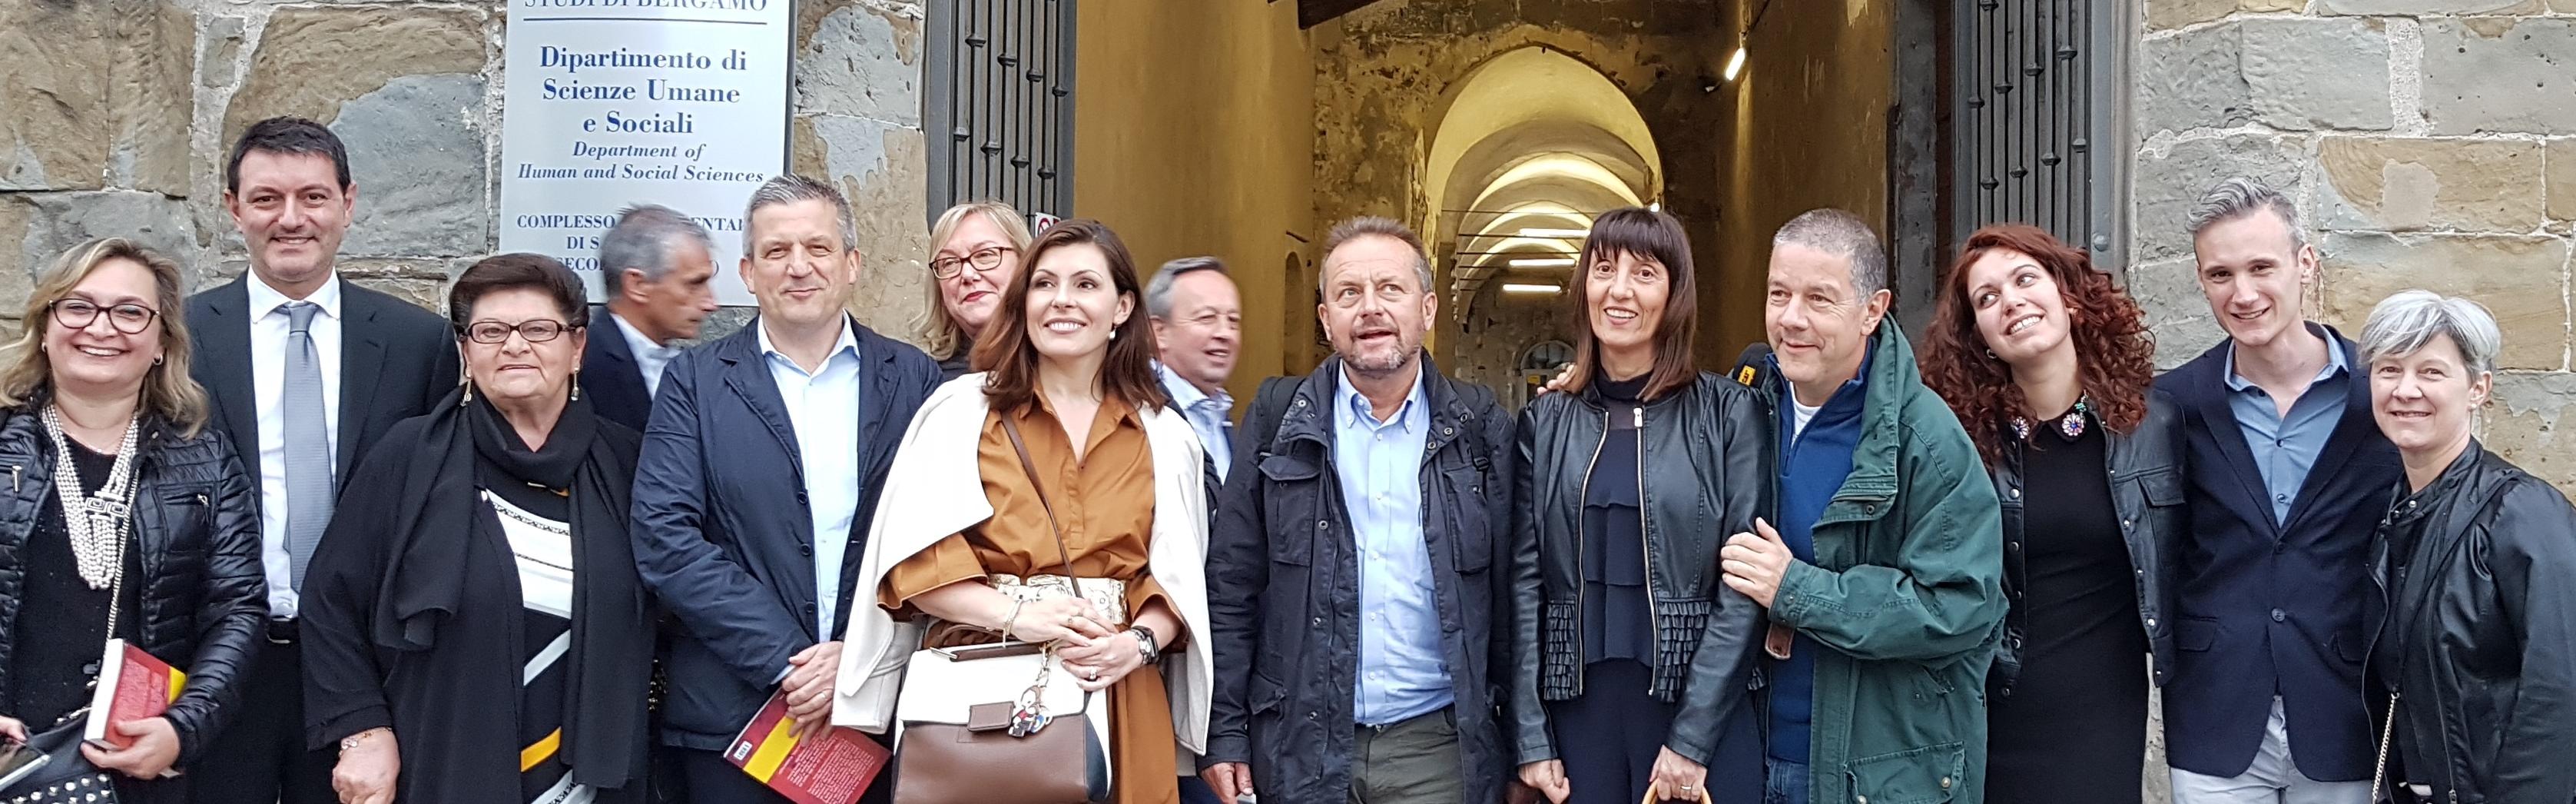 DOVE I CRISTIANI MUOIONO  il Libro all'università di Bergamo